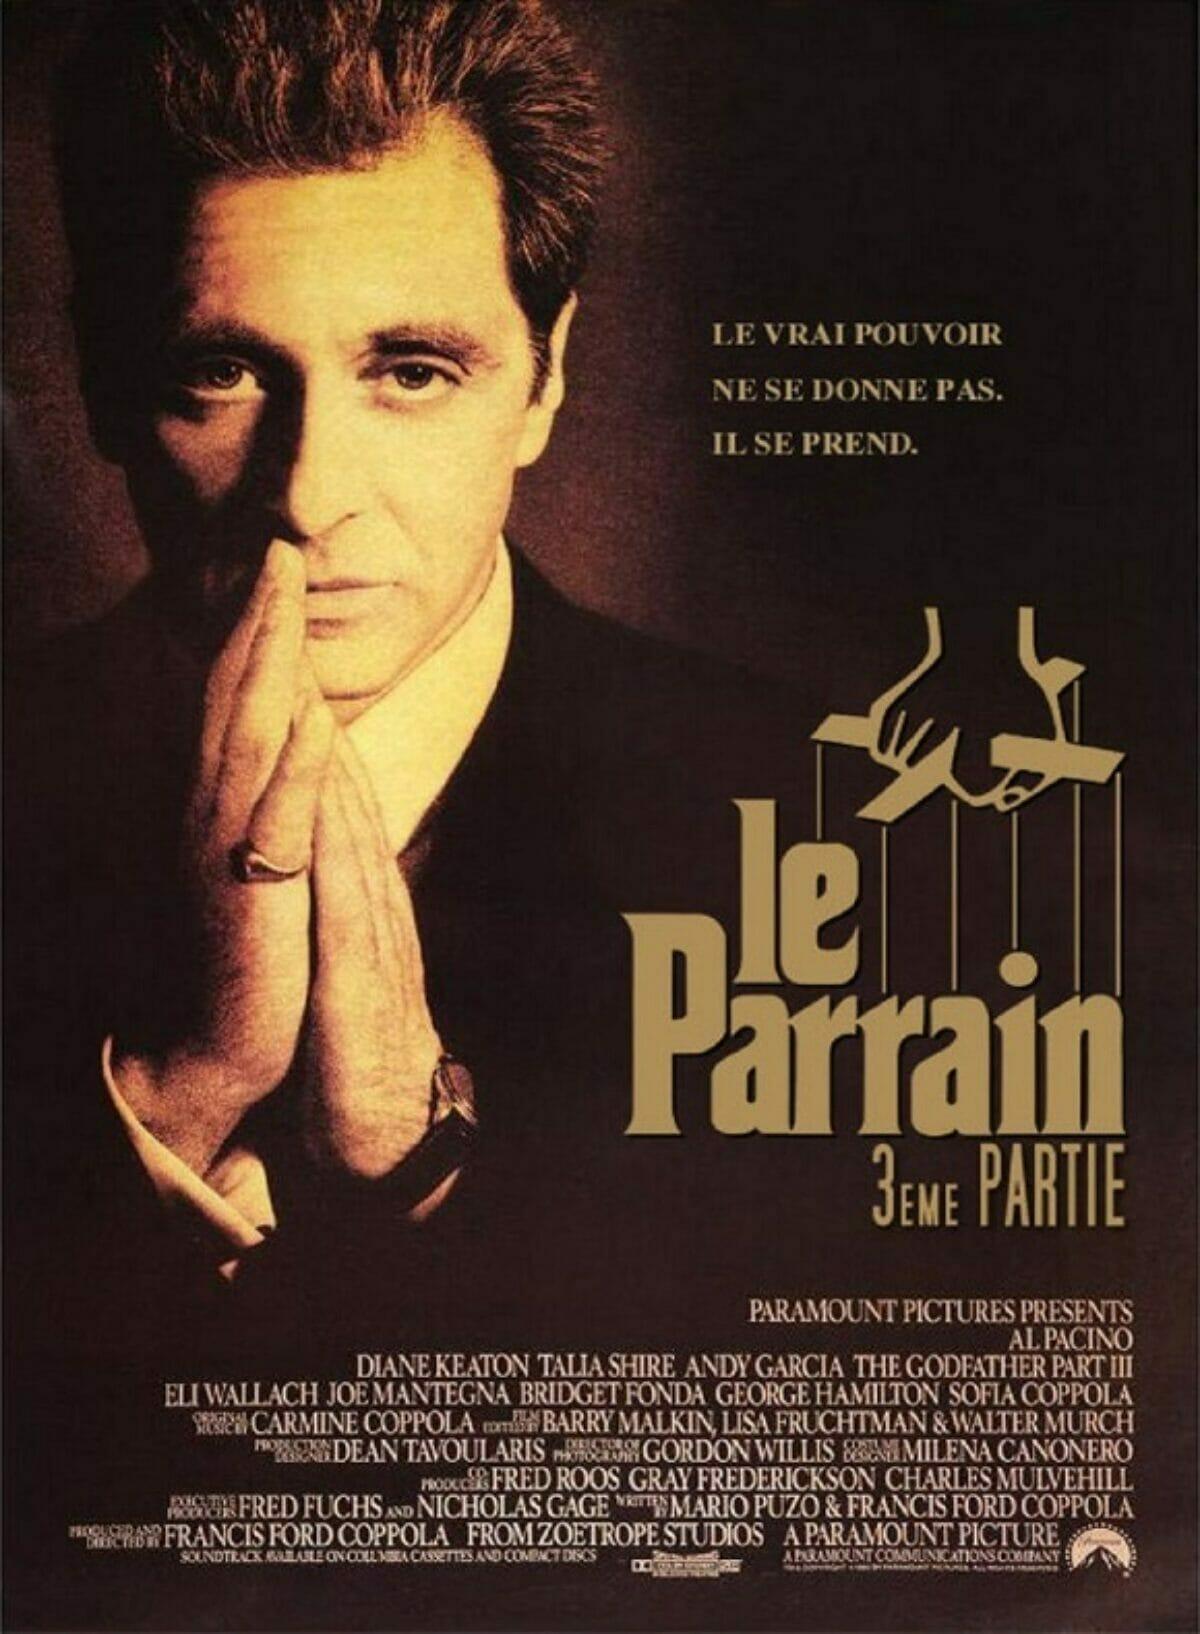 Le_Parrain_3e_Partie